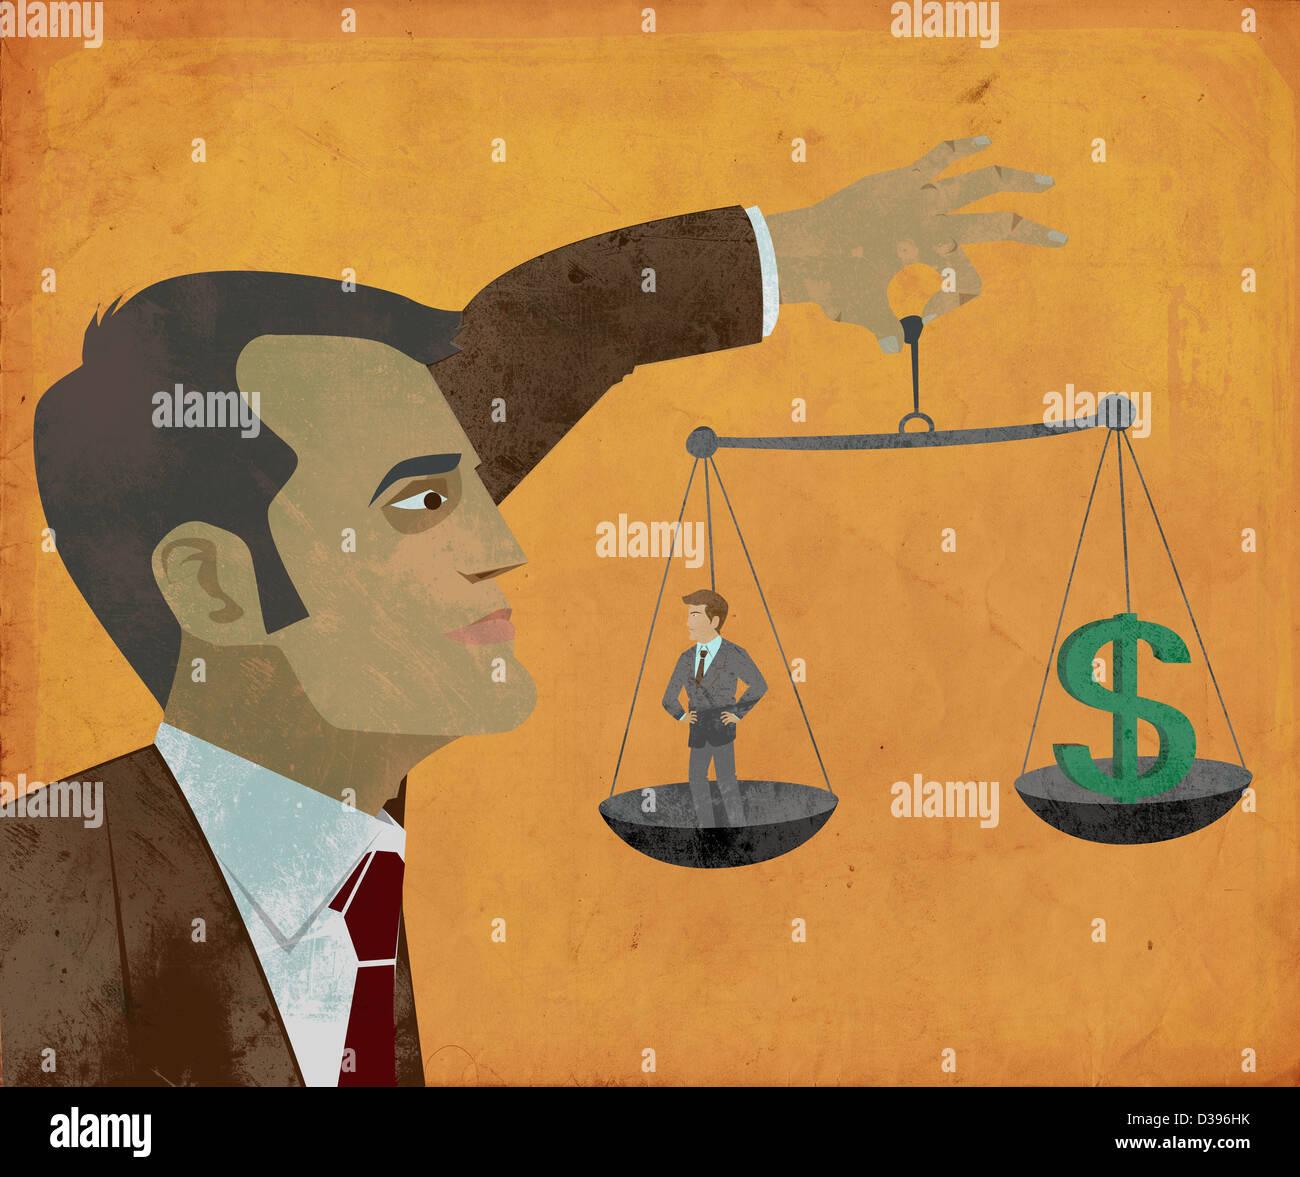 Image d'illustration de mesure manager performance individuelle conformément signe dollar représentant Photo Stock